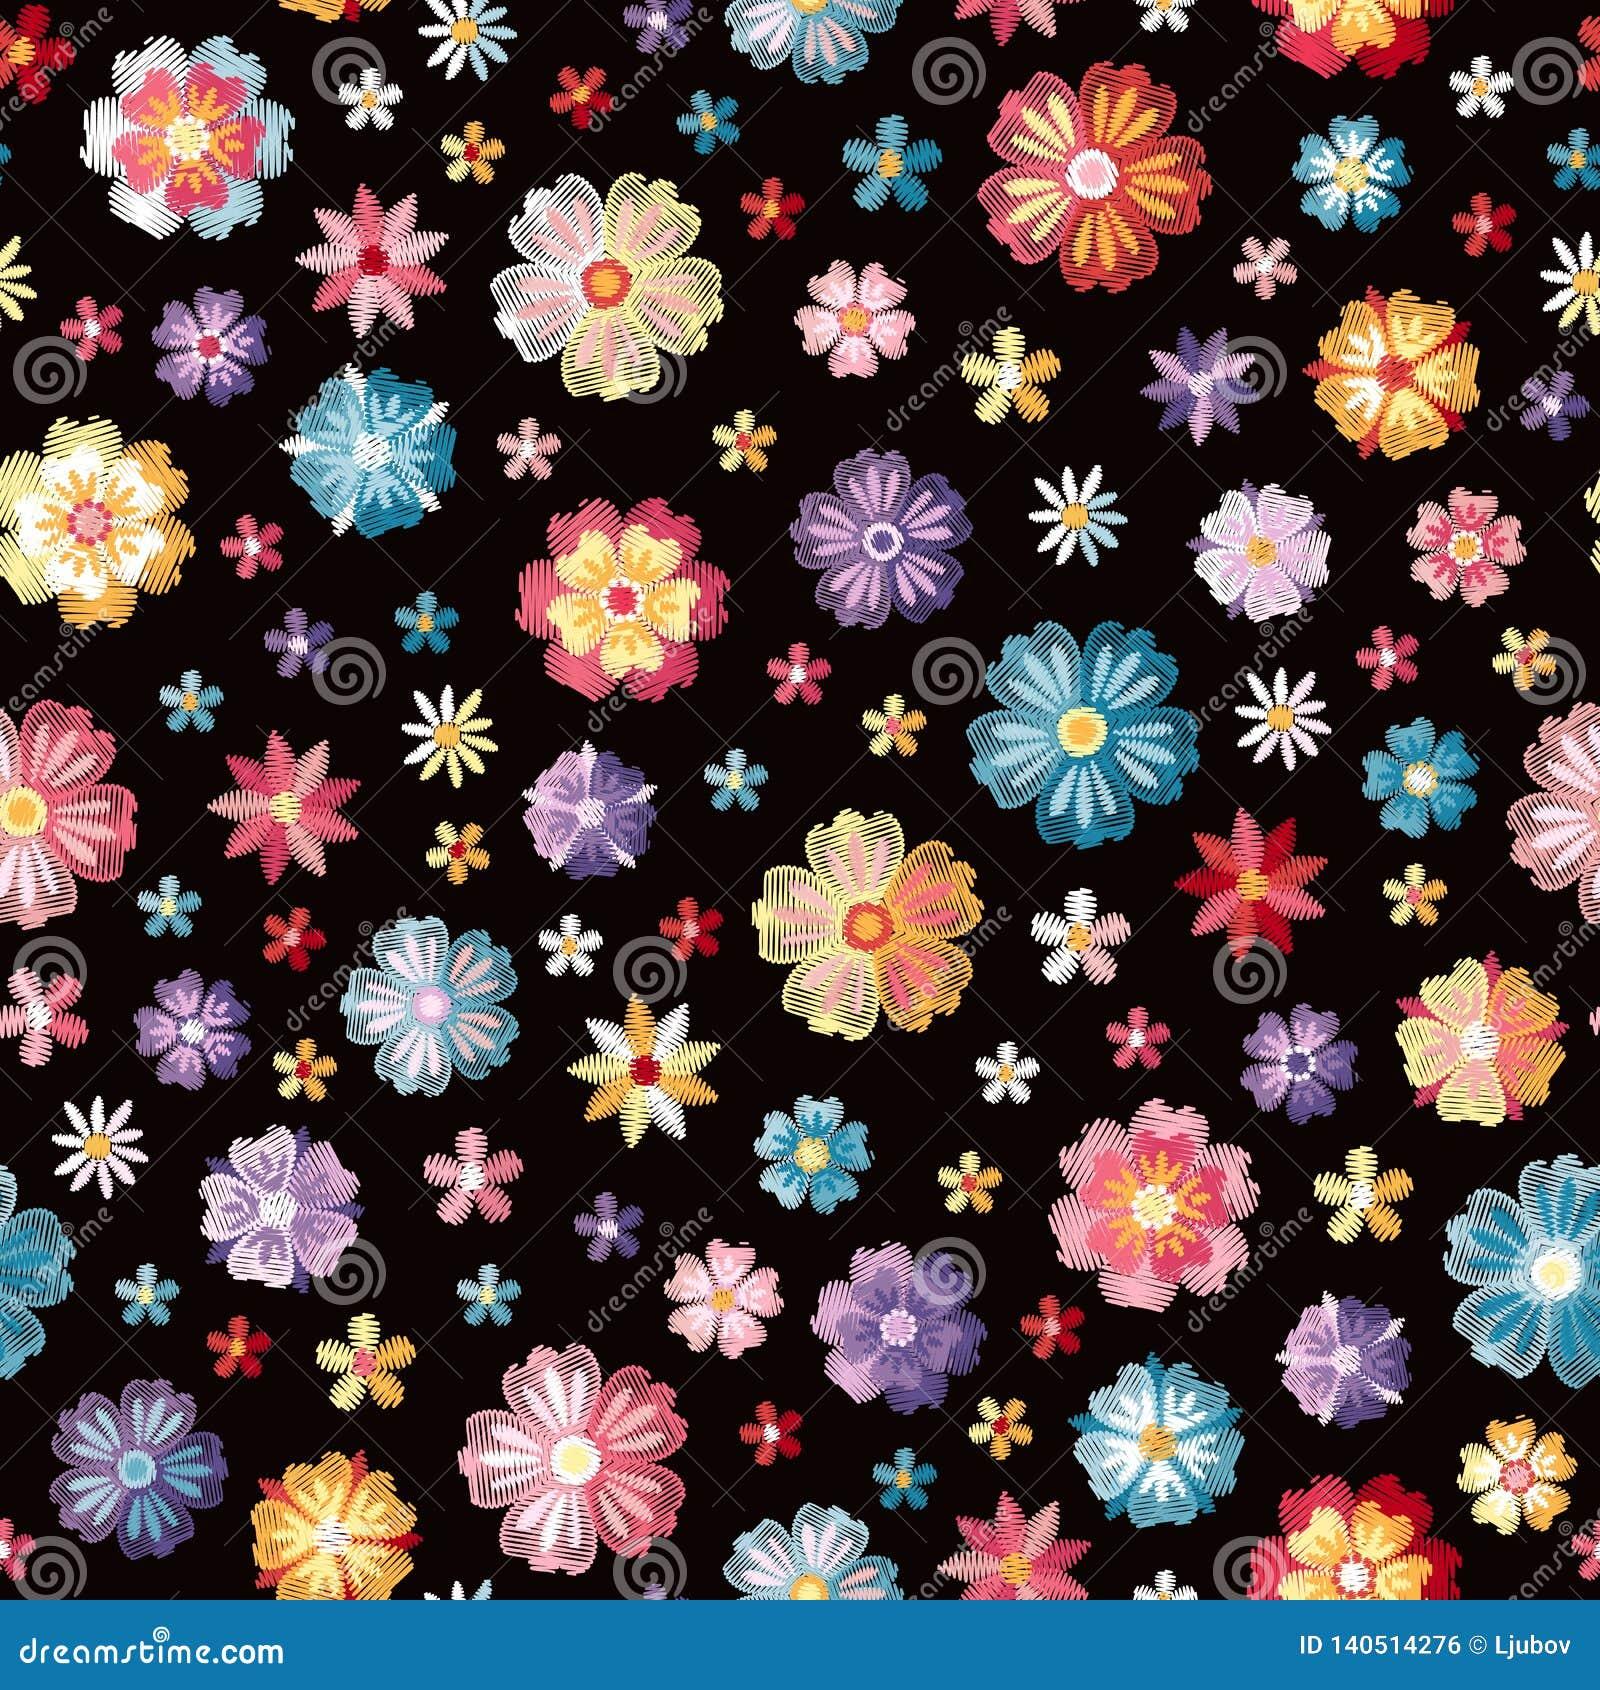 Kolorowi różni upiększeni kwiaty na czarnym tle wektor bezszwowy wzoru Kwiecista broderia